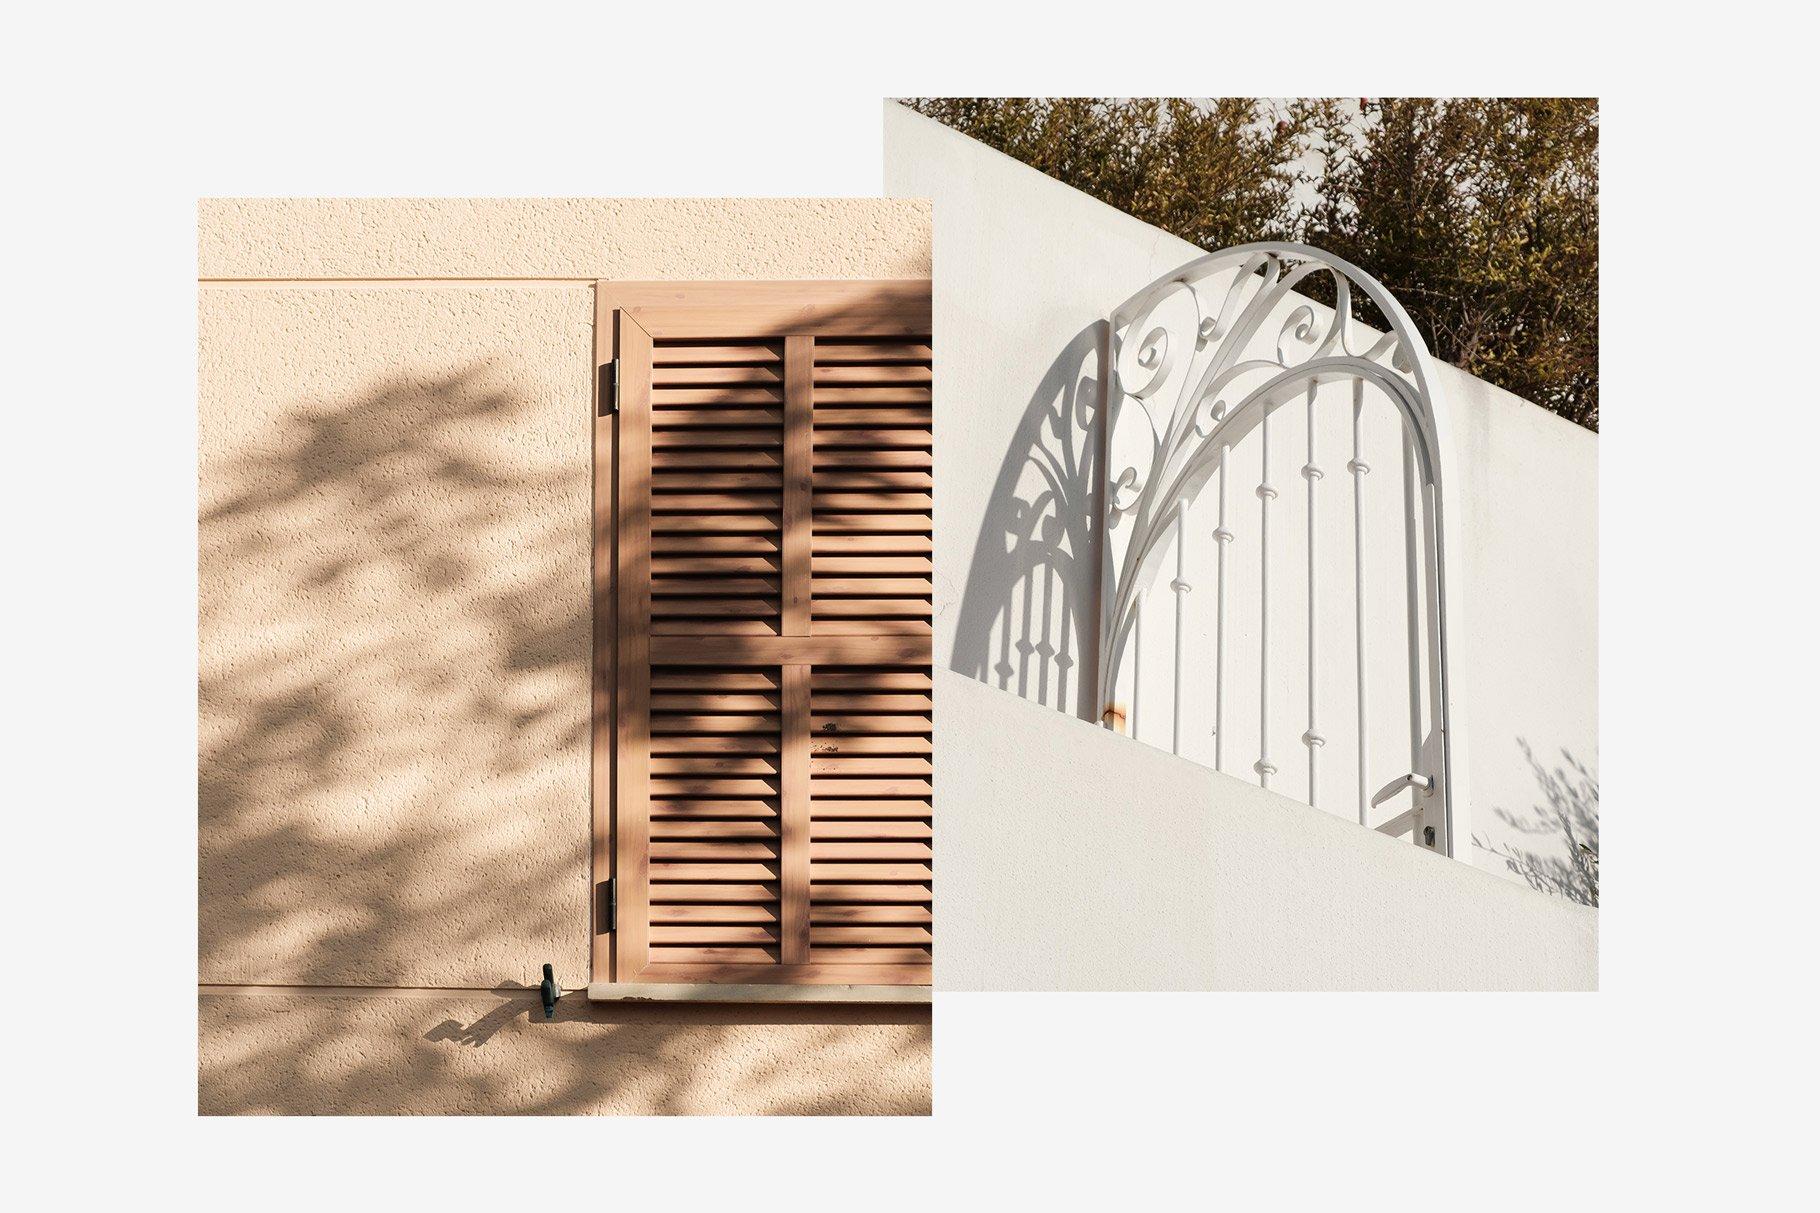 10款高清城市建筑风景摄影图片素材 Minimalistic Photos Pack Vol.1插图(5)